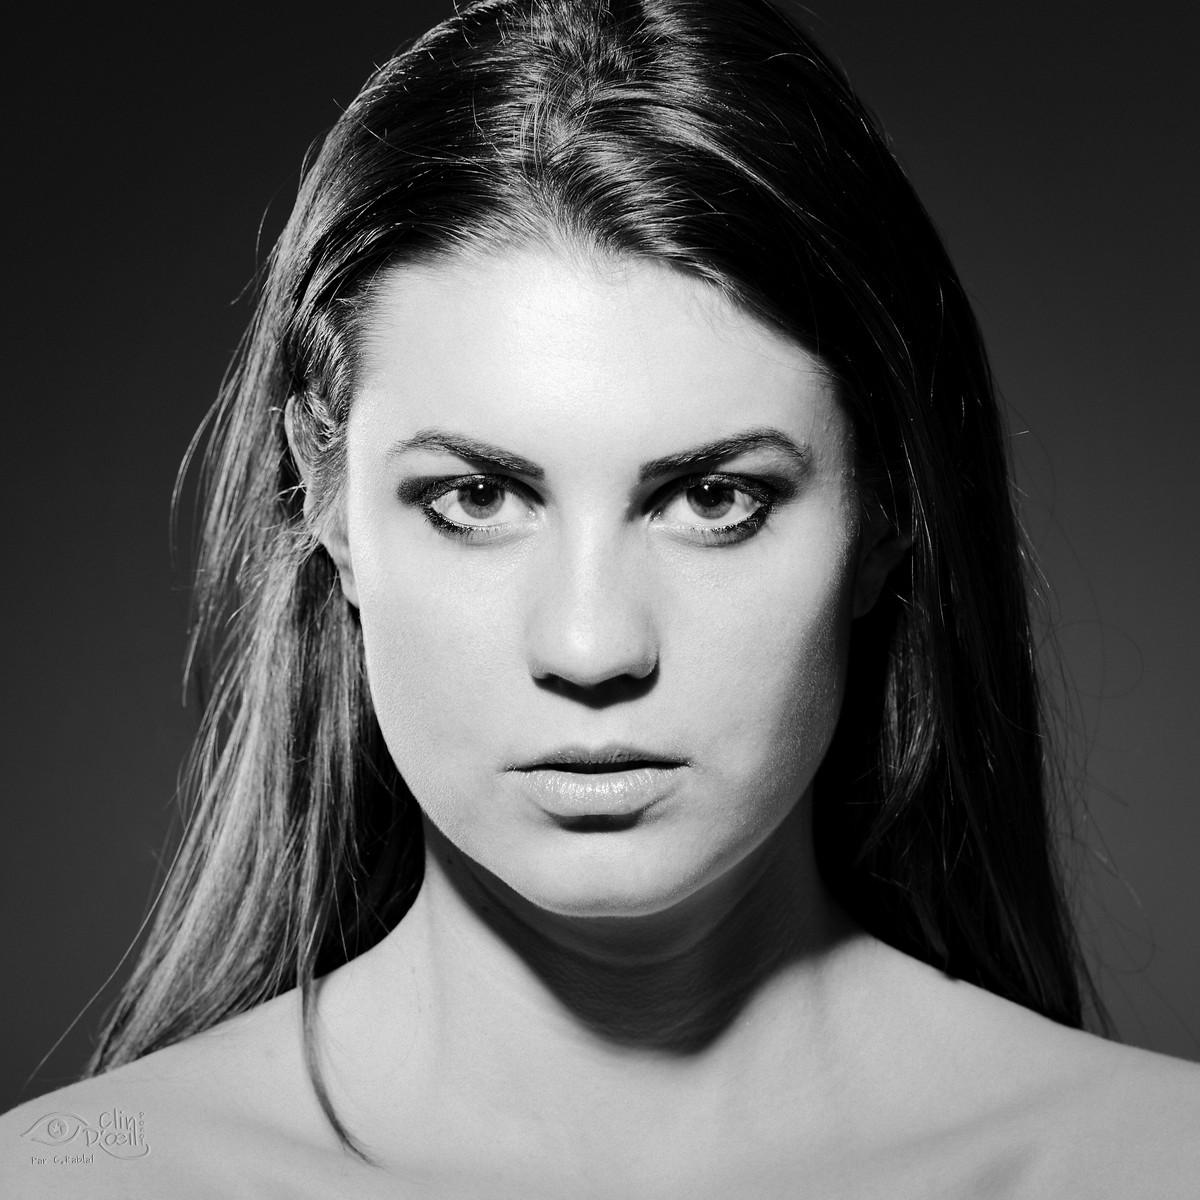 Beliebt Portrait Noir et Blanc - Portraitserré noir et blanc - Clin d'oeil  OV69